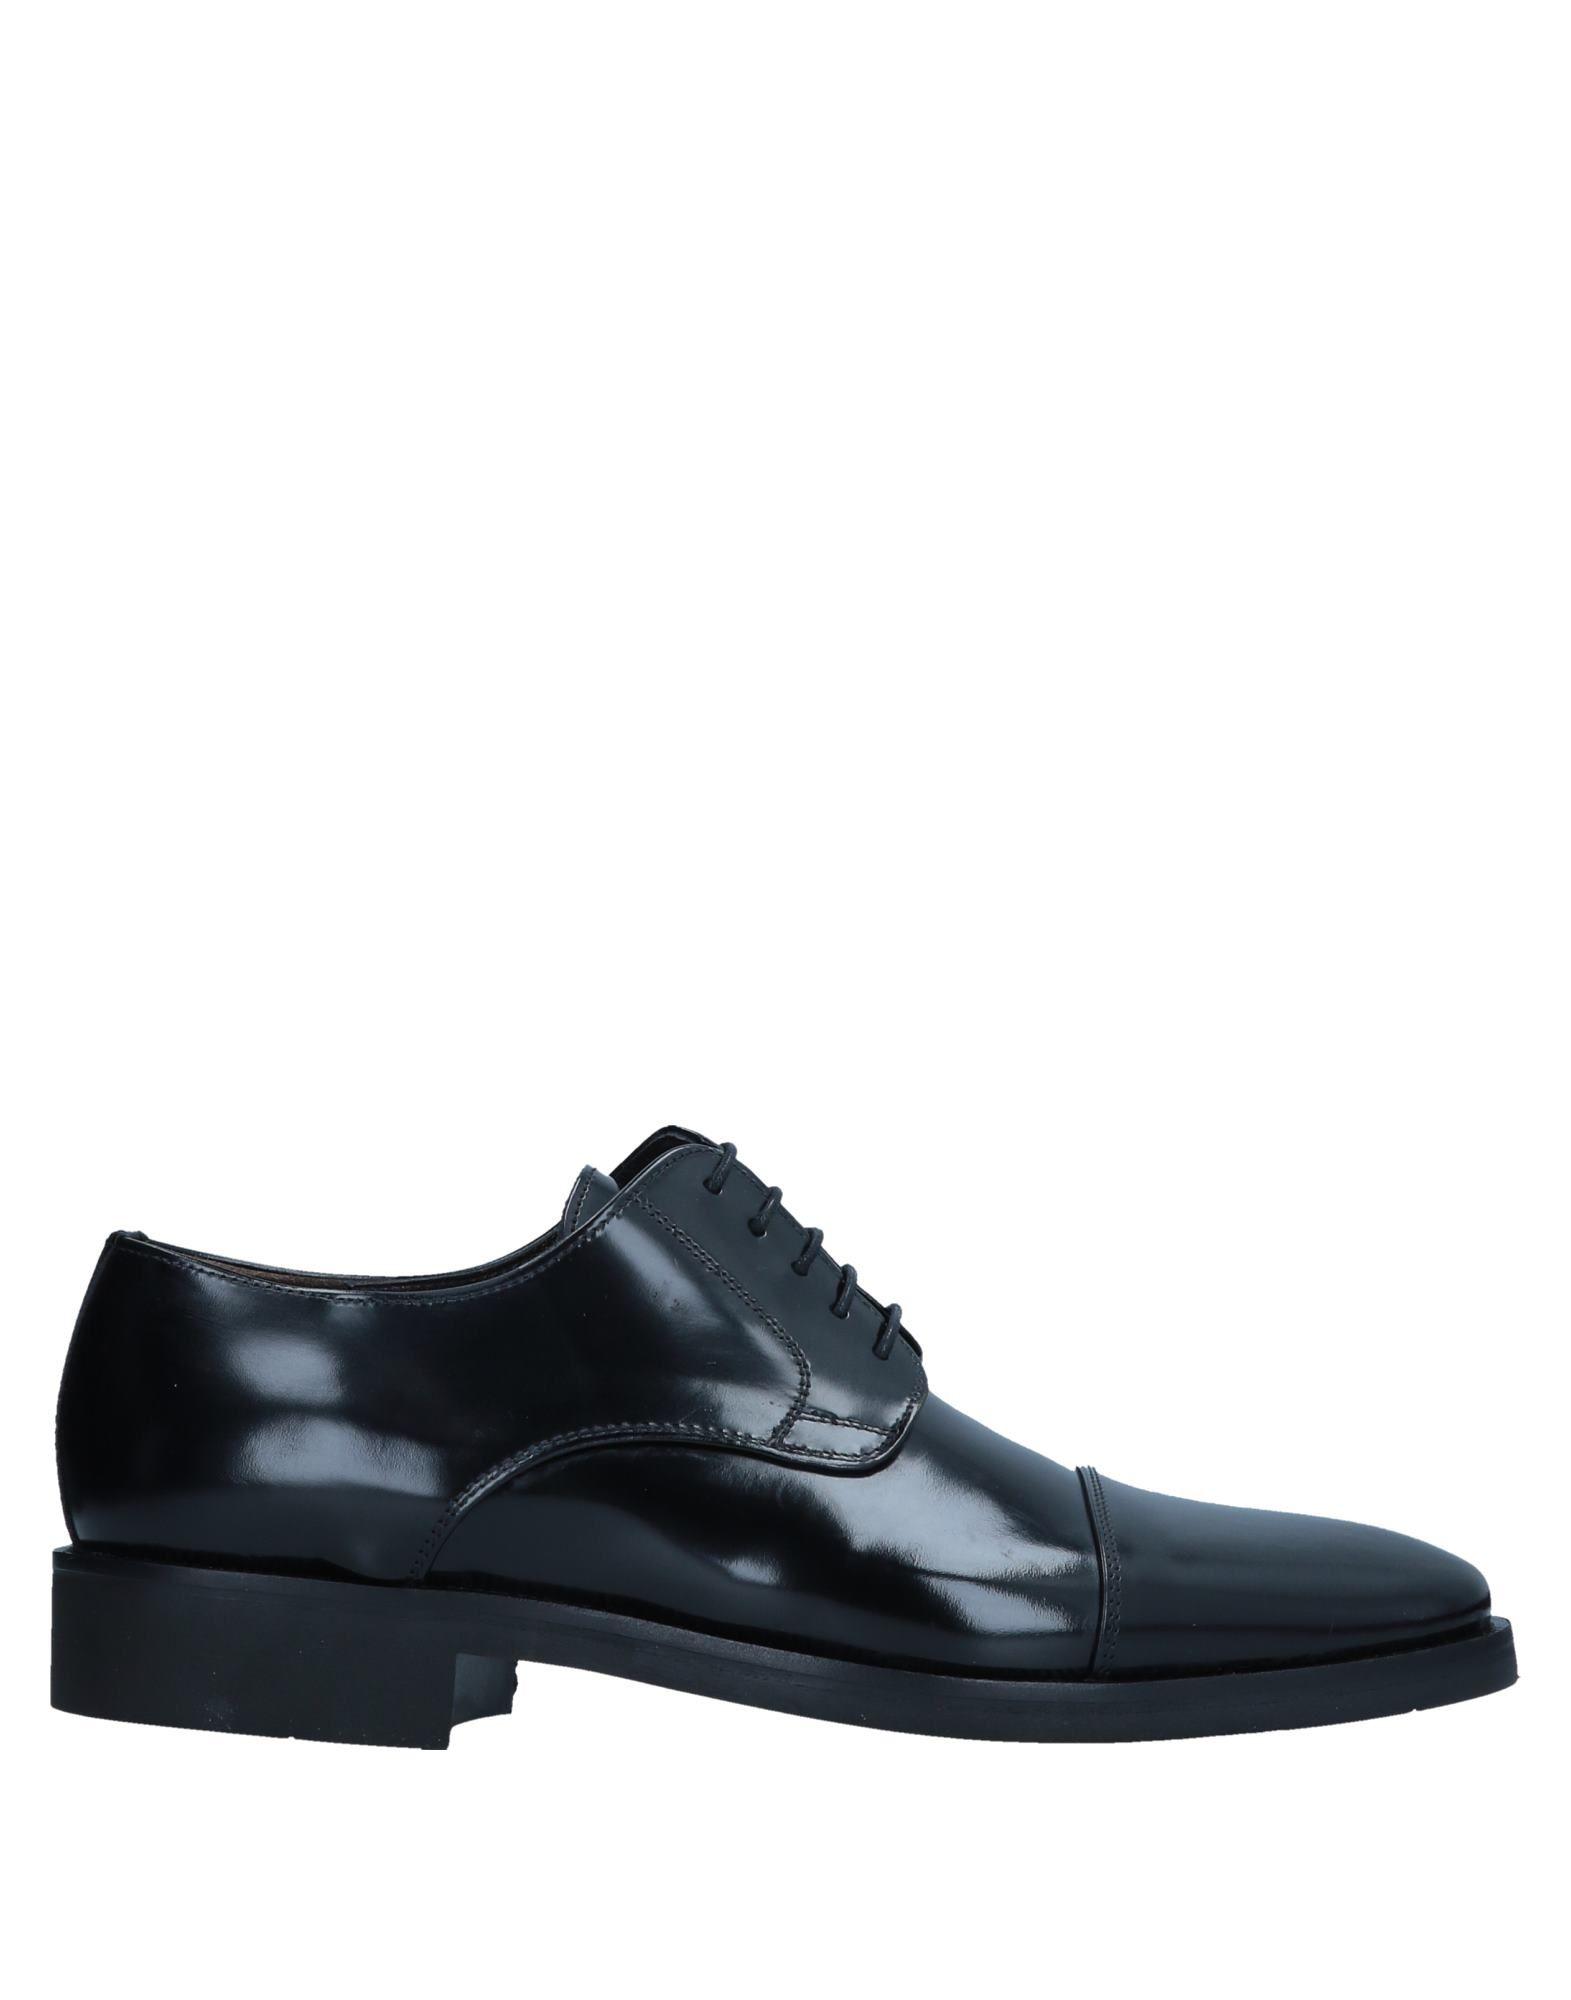 Bruno Magli Schnürschuhe Herren  11552048IS Gute Qualität beliebte Schuhe